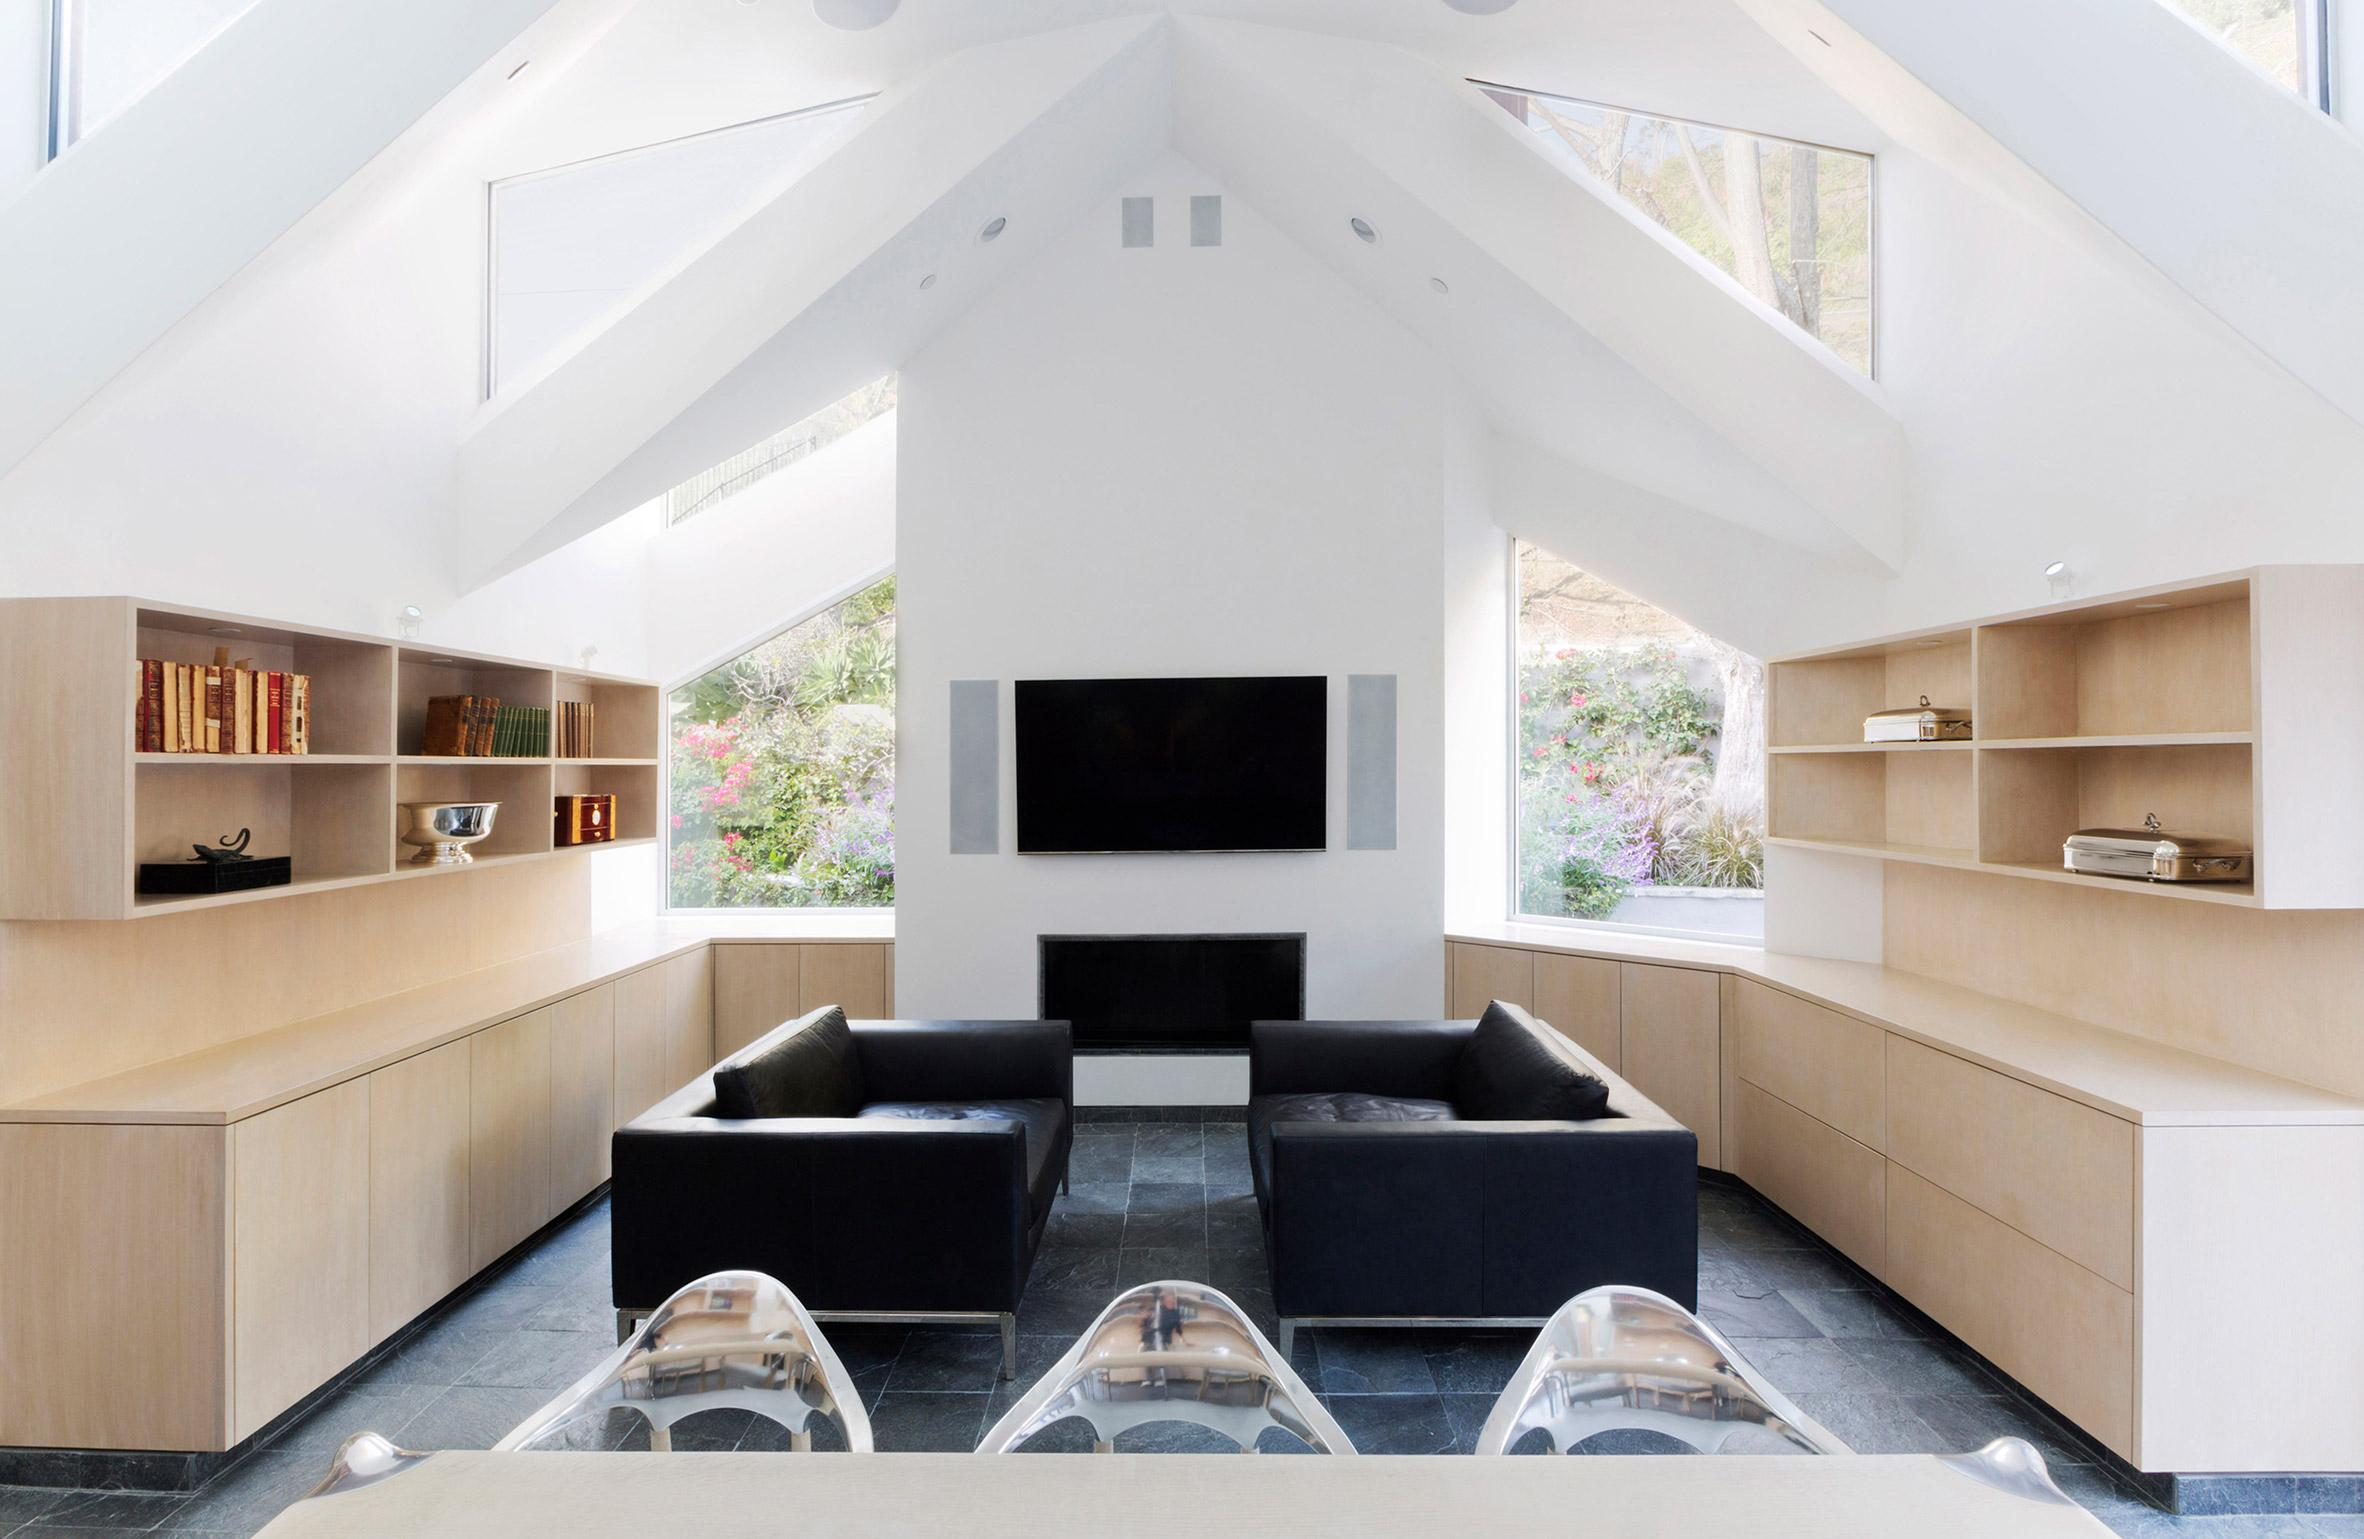 Geoffrey von Oeyen designs jagged-roof office addition for Malibu home